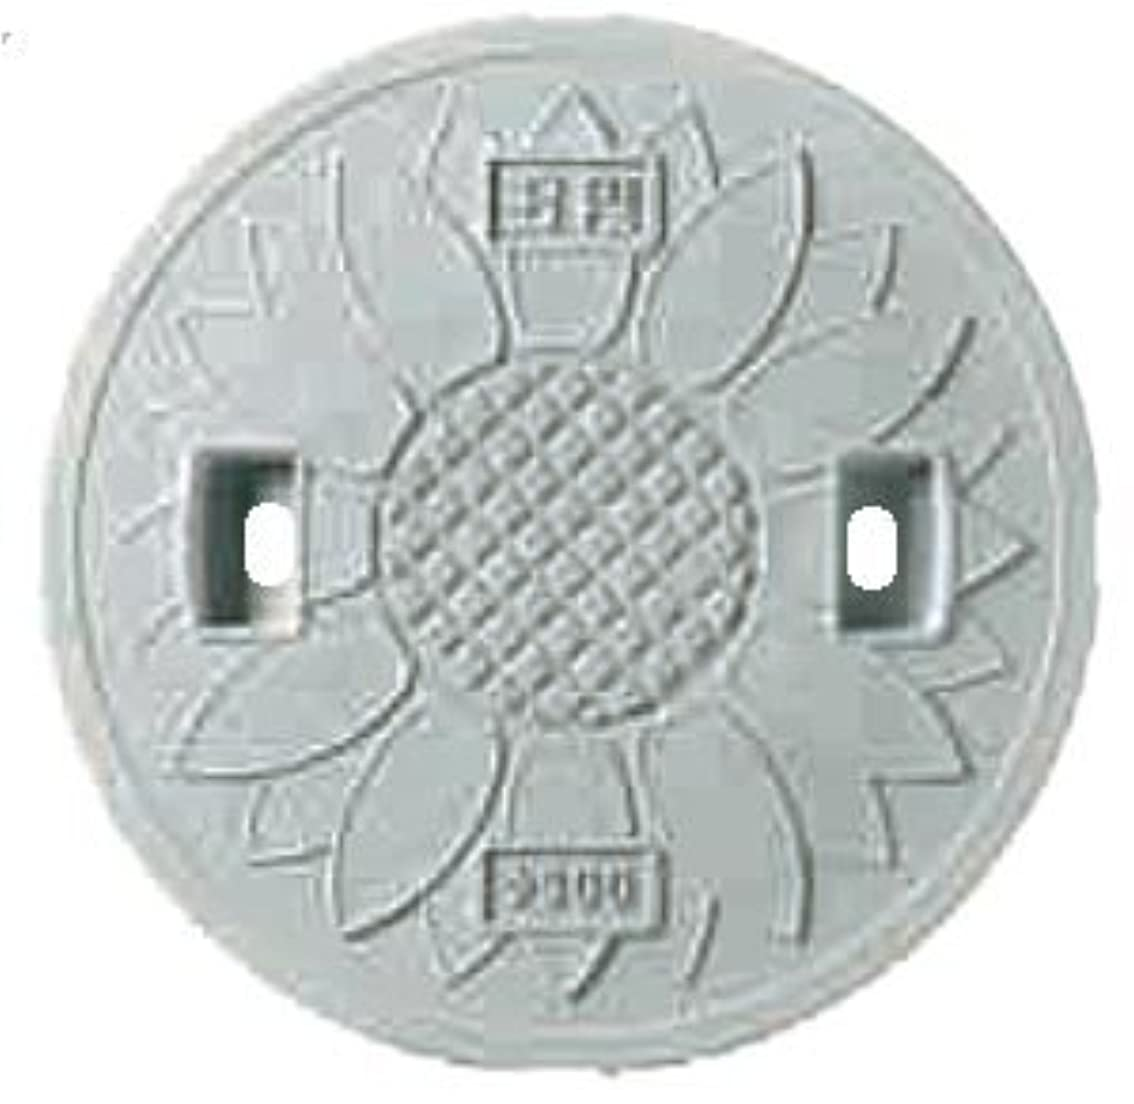 タックル側反逆者丸マス蓋(枠なし) 樹脂製 耐圧2トン 300型 JT2-300SFW(雨水?穴あり) 城東テクノ